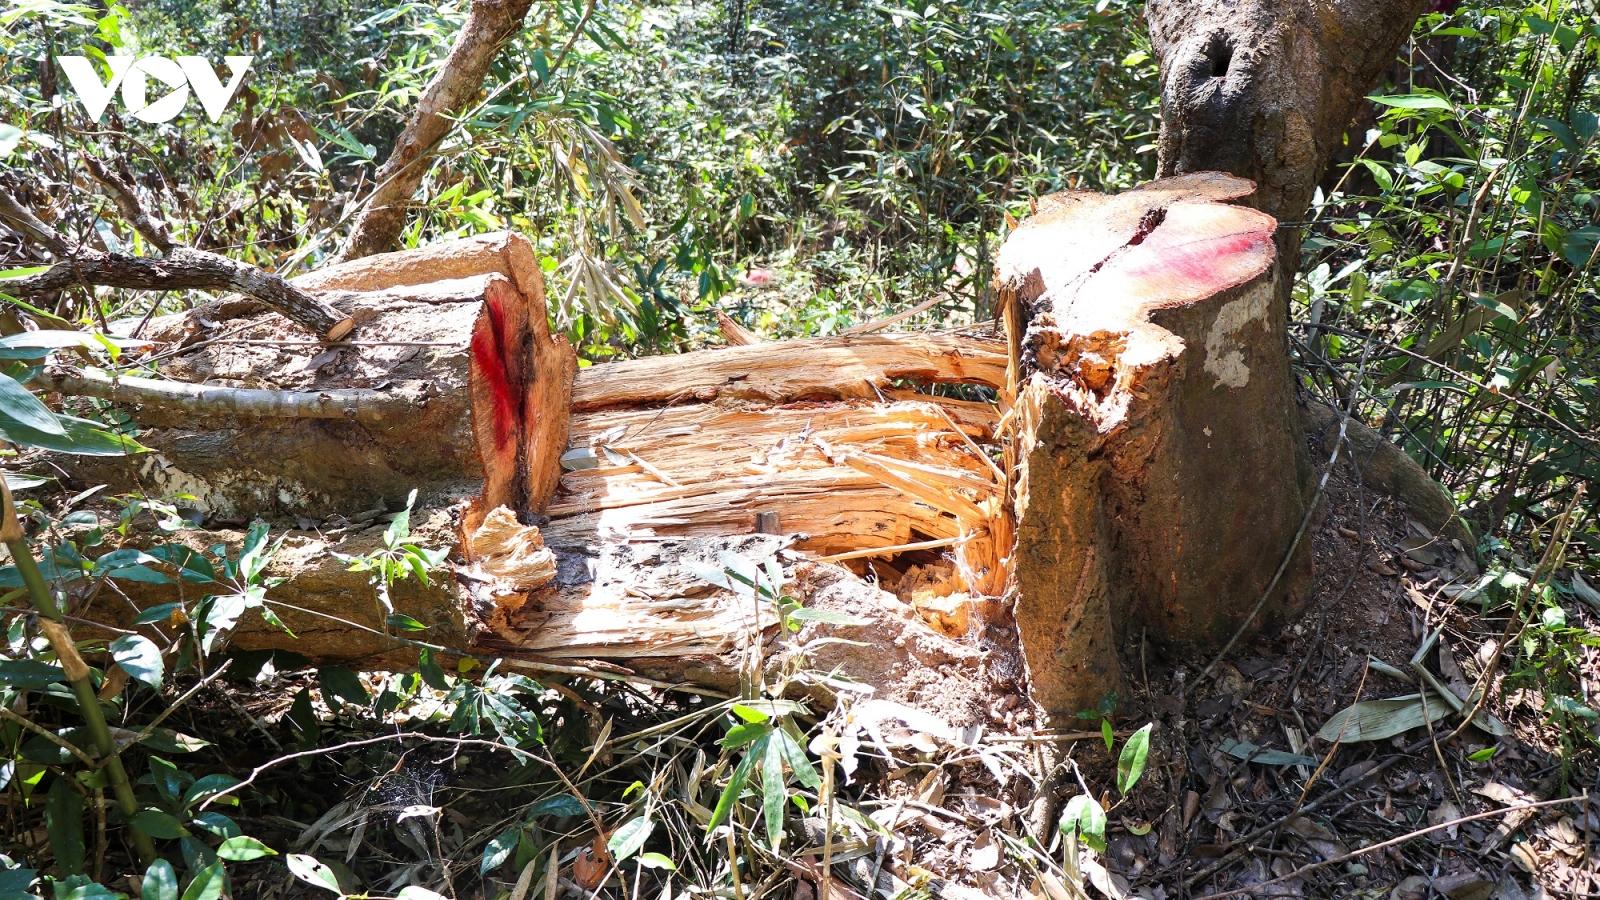 """Vùng lõi rừng đặc dụng Mường Phăng đang bị """"rút ruột"""" nghiêm trọng"""